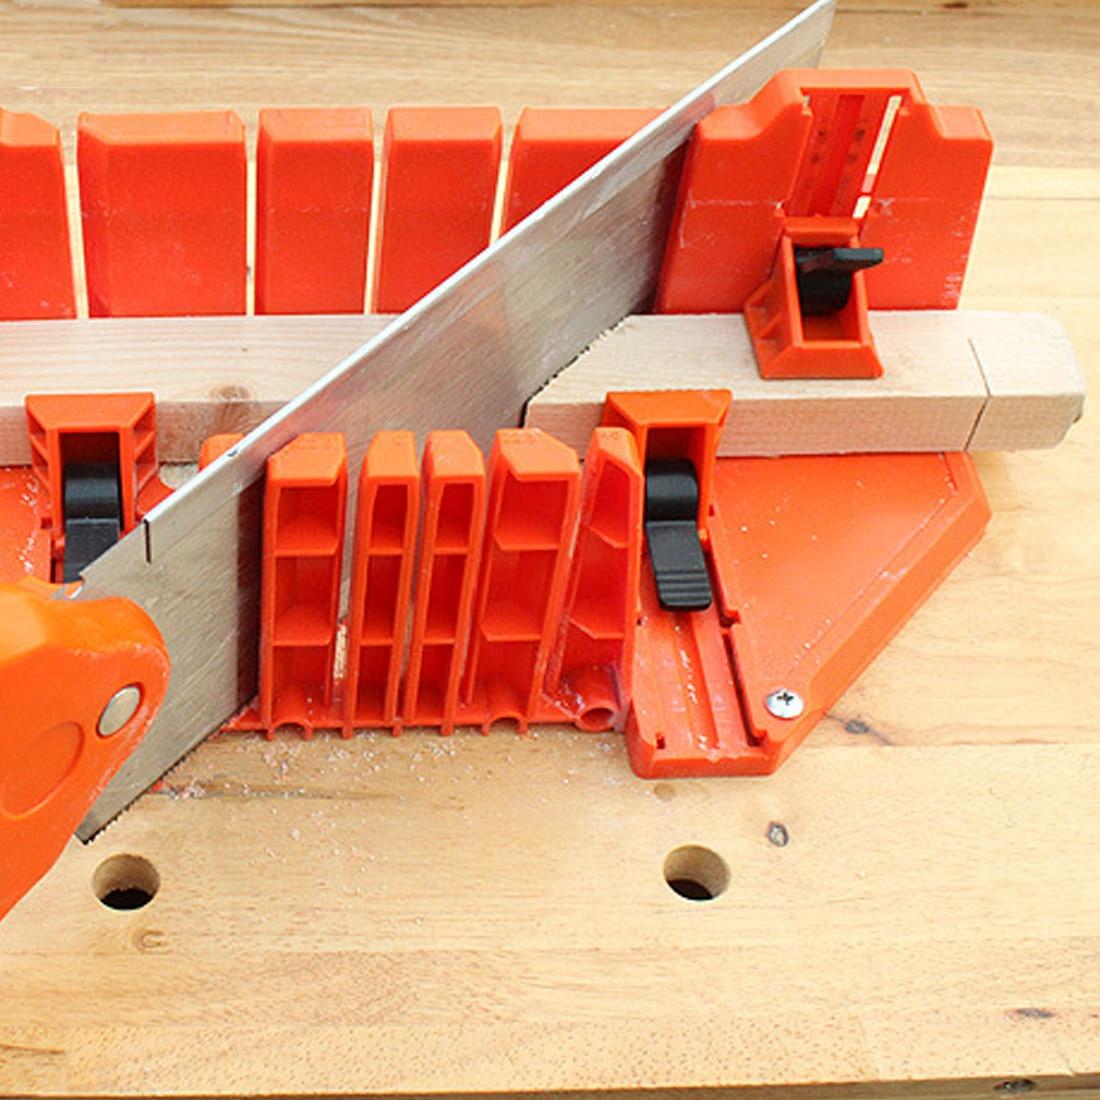 Многофункциональный 12 14 дюймов торцовочная пила шкафы ручной инструмент для дерева дома DIY деревообрабатывающие ручные пилы зажимной ящик